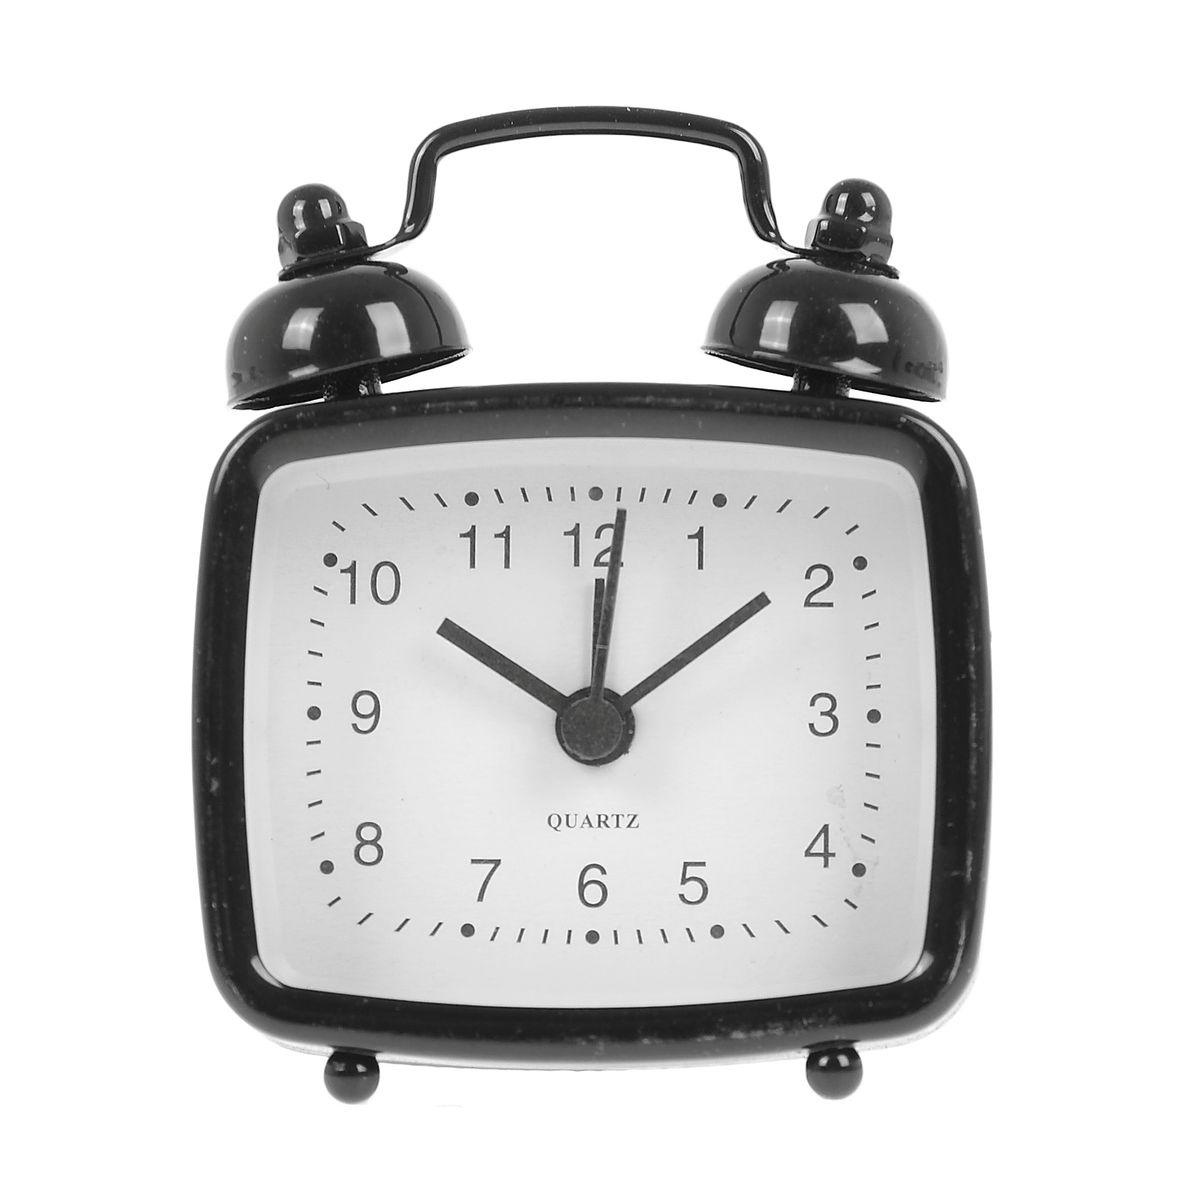 Часы-будильник Sima-land, цвет: черный. 840944840944Как же сложно иногда вставать вовремя! Всегда так хочется поспать еще хотя бы 5 минут и бывает, что мы просыпаем. Теперь этого не случится! Яркий, оригинальный будильник Sima-land поможет вам всегда вставать в нужное время и успевать везде и всюду. Будильник украсит вашу комнату и приведет в восхищение друзей. Эта уменьшенная версия привычного будильника умещается на ладони и работает так же громко, как и привычные аналоги. Время показывает точно и будит в установленный час.На задней панели будильника расположены переключатель включения/выключения механизма, а также два колесика для настройки текущего времени и времени звонка будильника.Будильник работает от 1 батарейки типа LR44 (входит в комплект).